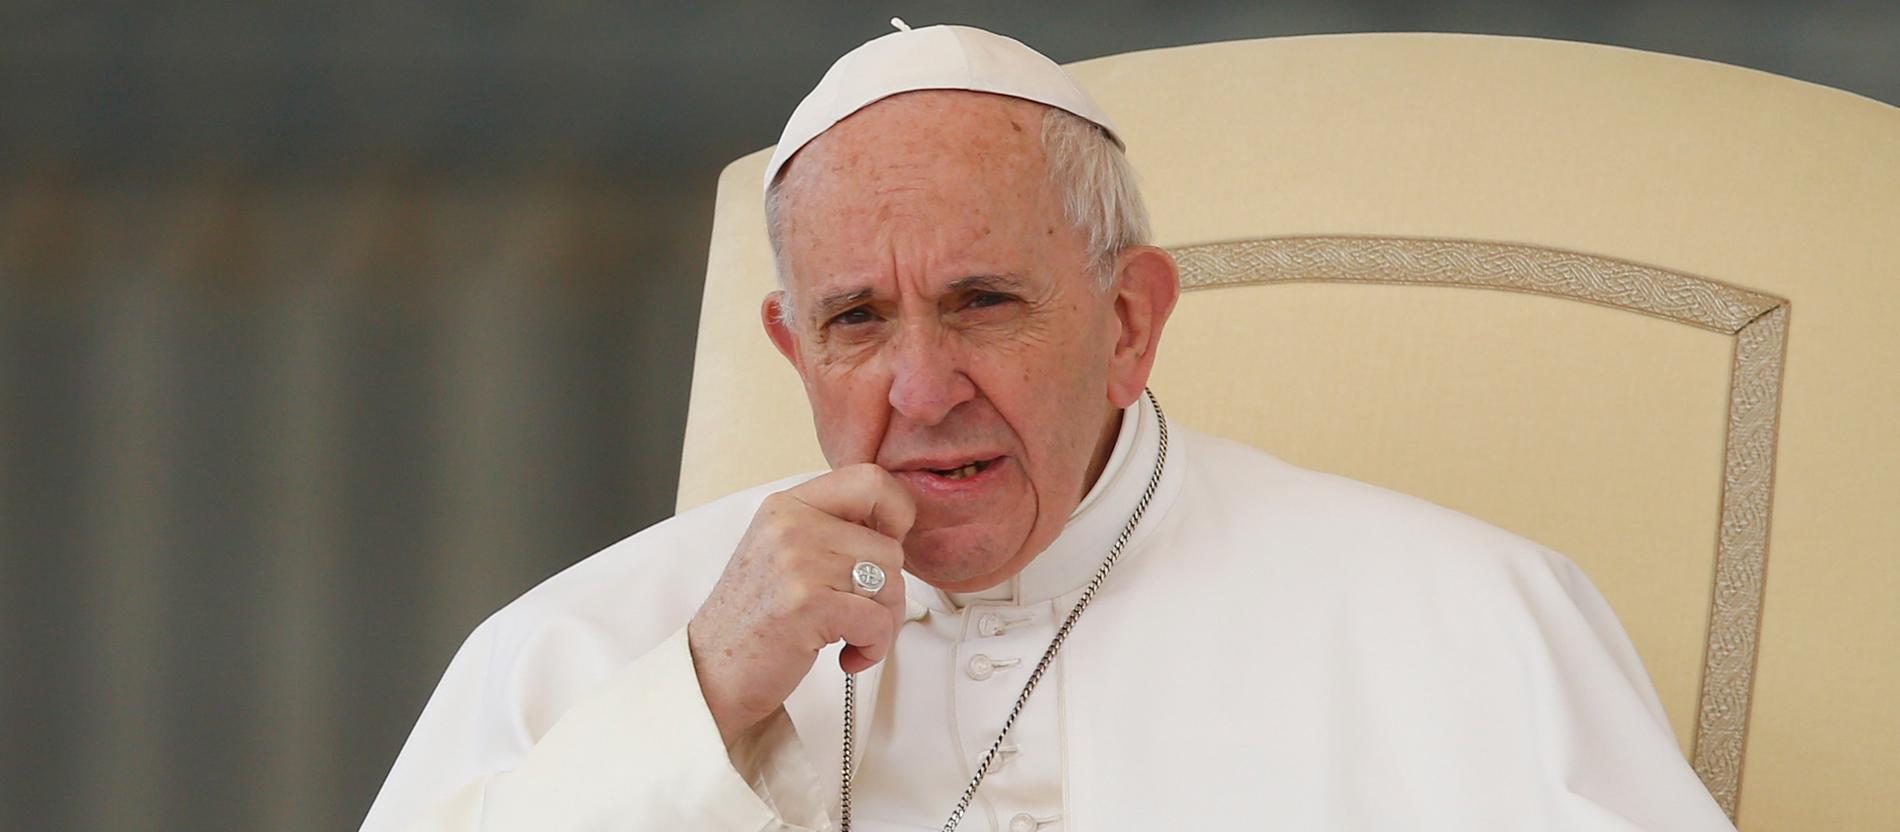 Papst Franziskus während der Generalaudienz auf dem Petersplatz im Vatikan am 22. März 2017. Er schaut nachdenklich und skeptisch. Seine Insignien - der Fischerring und das Kreuz, sind deutlich zu erkennen.